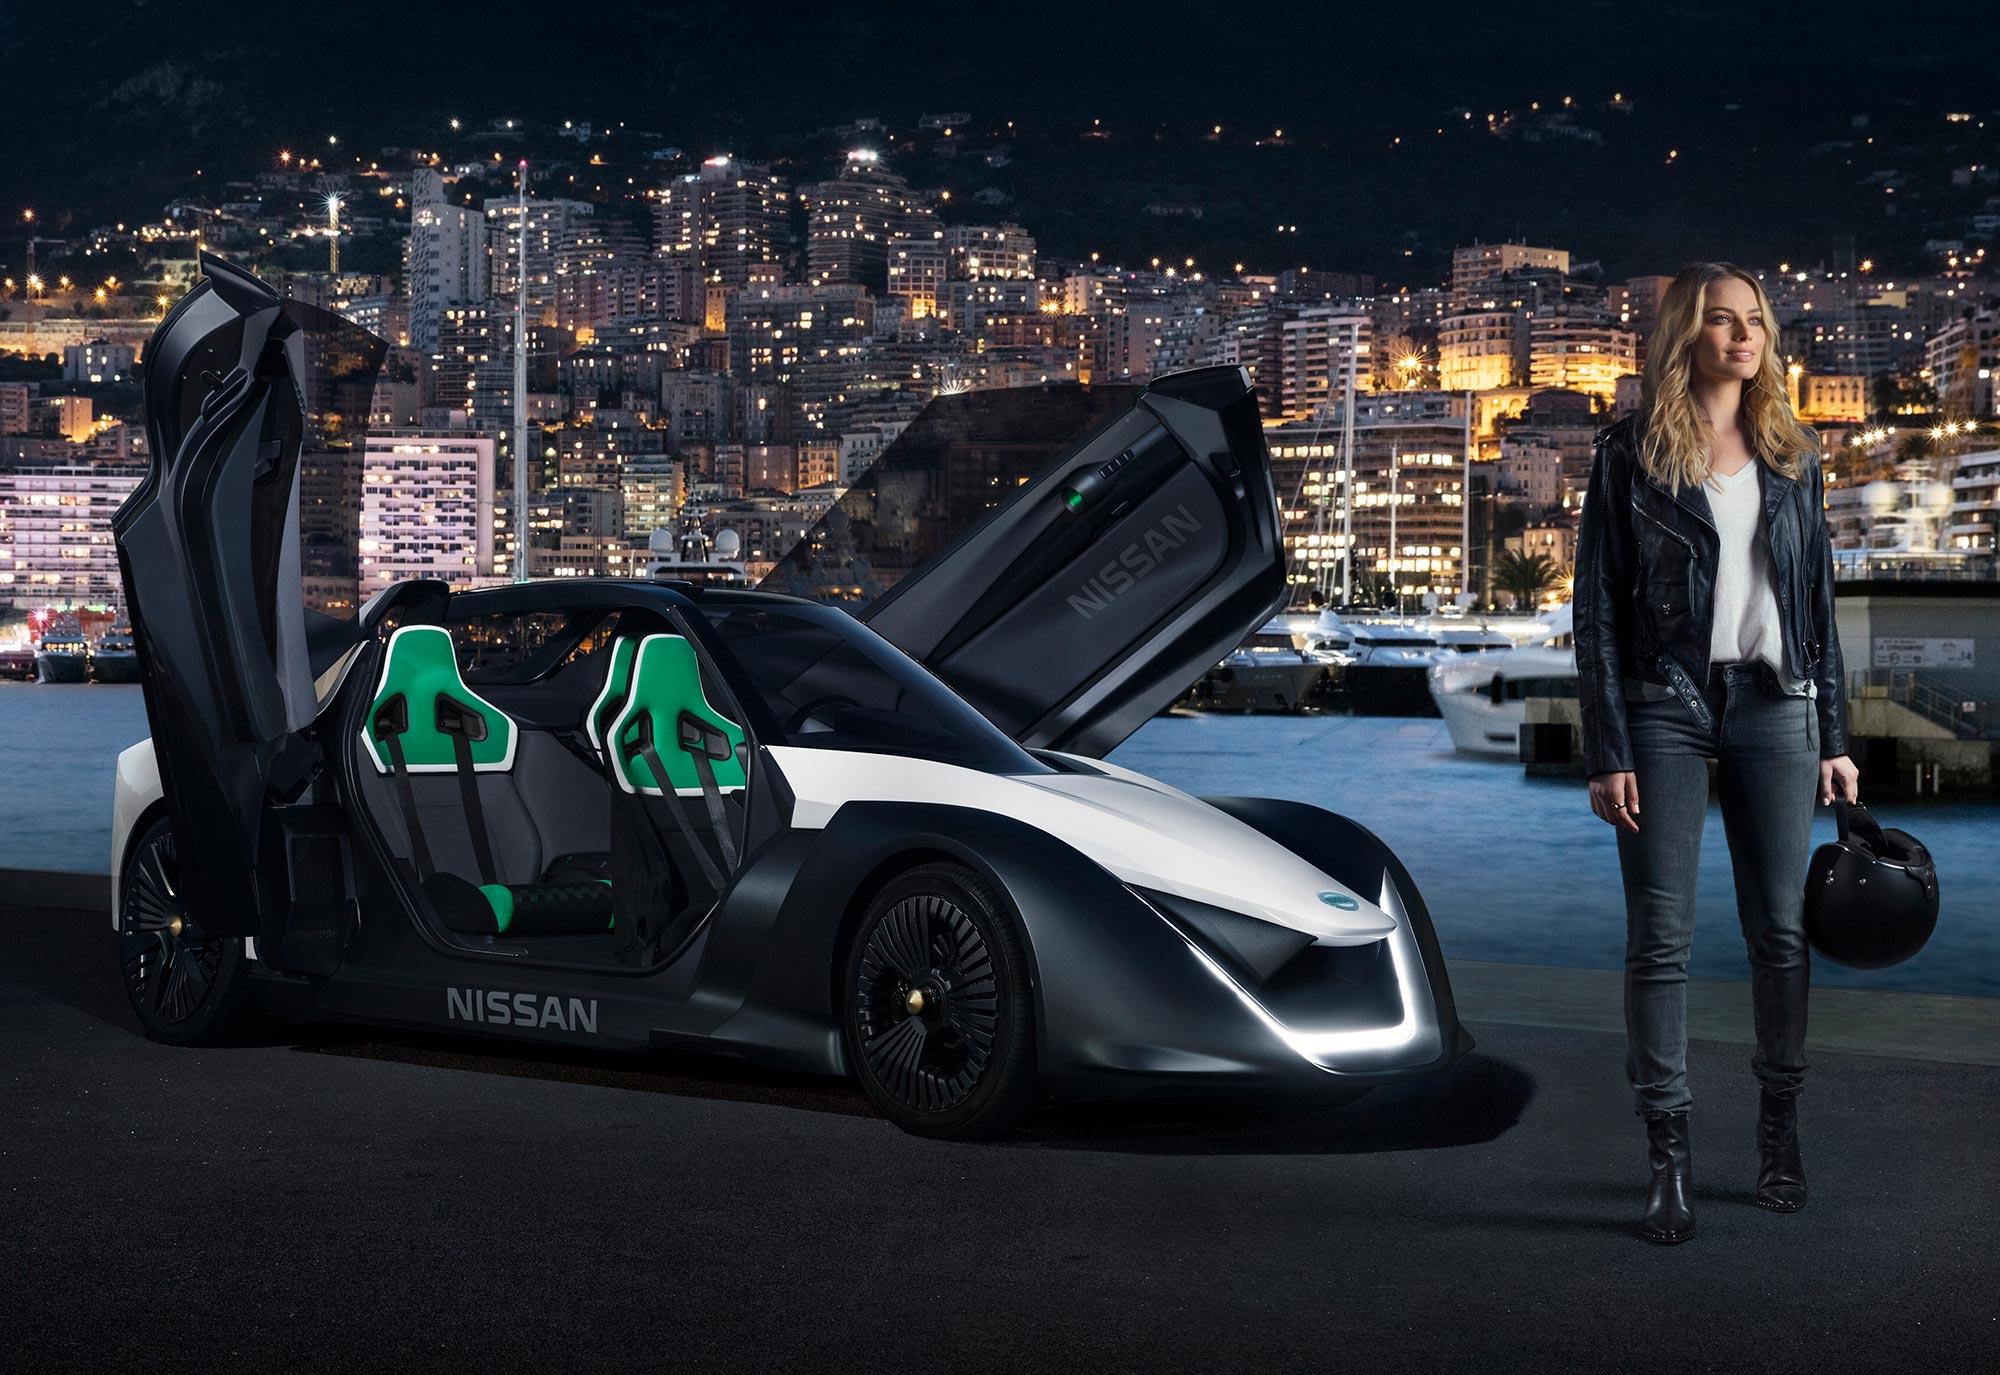 Nissan_BladeGlider_Margot_Shot_Open.jpg